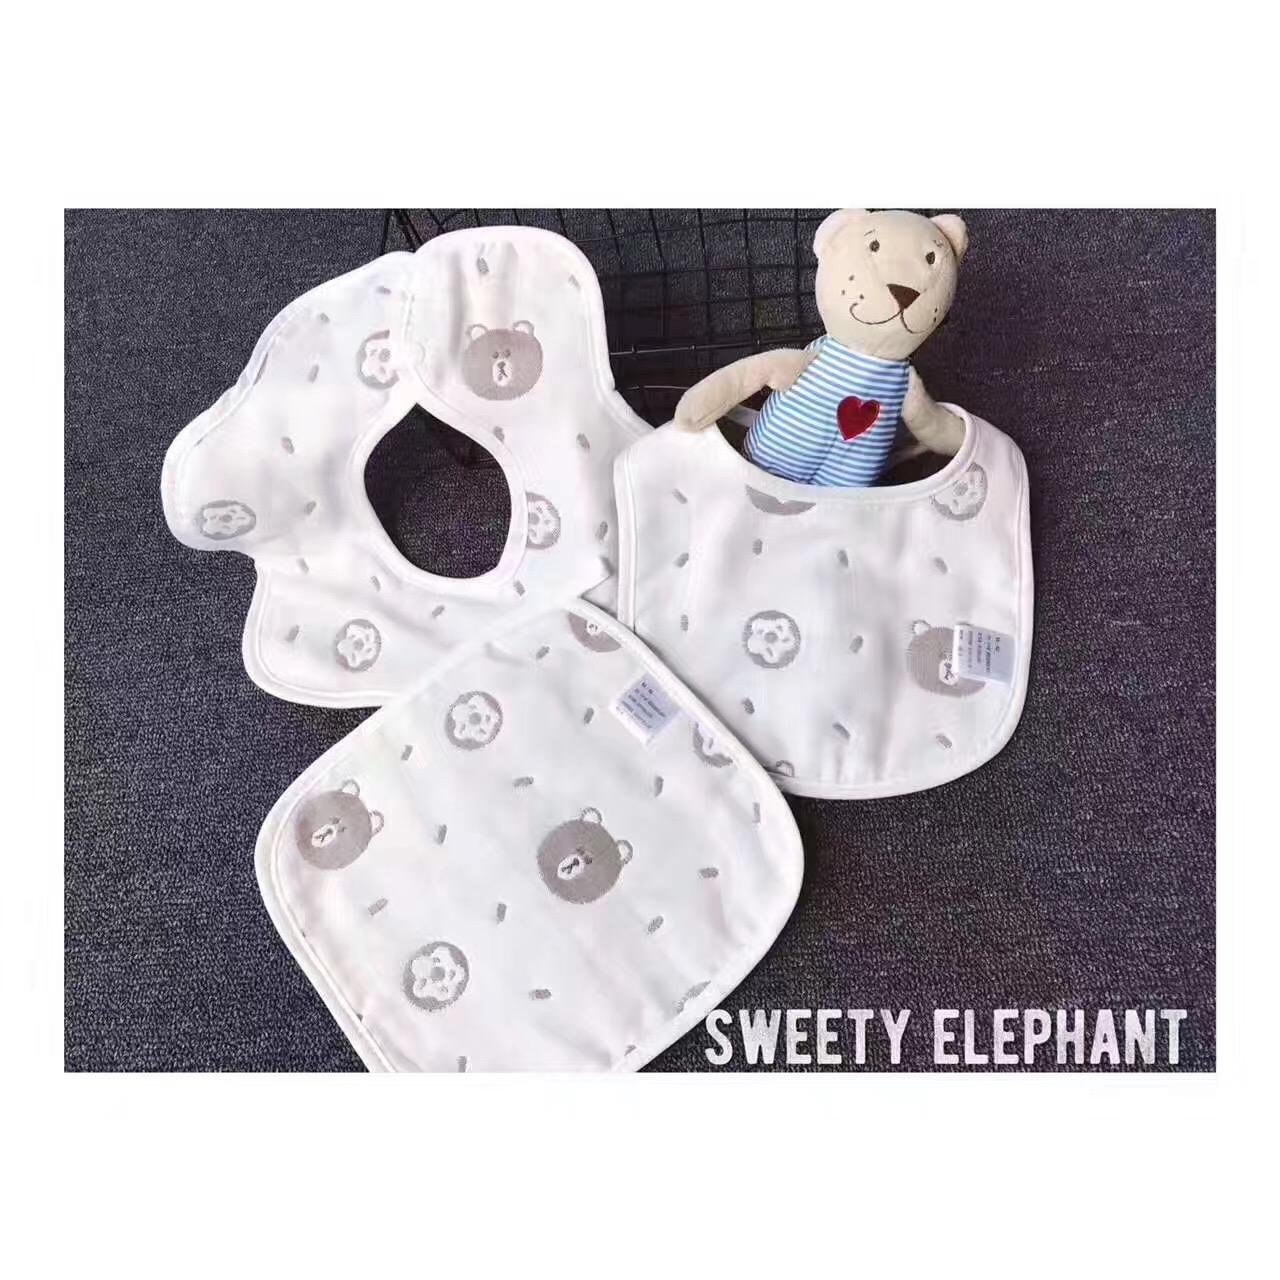 布朗熊系列 宝宝六层纱布午睡盖毯空调被子儿童成人床单双人被棉